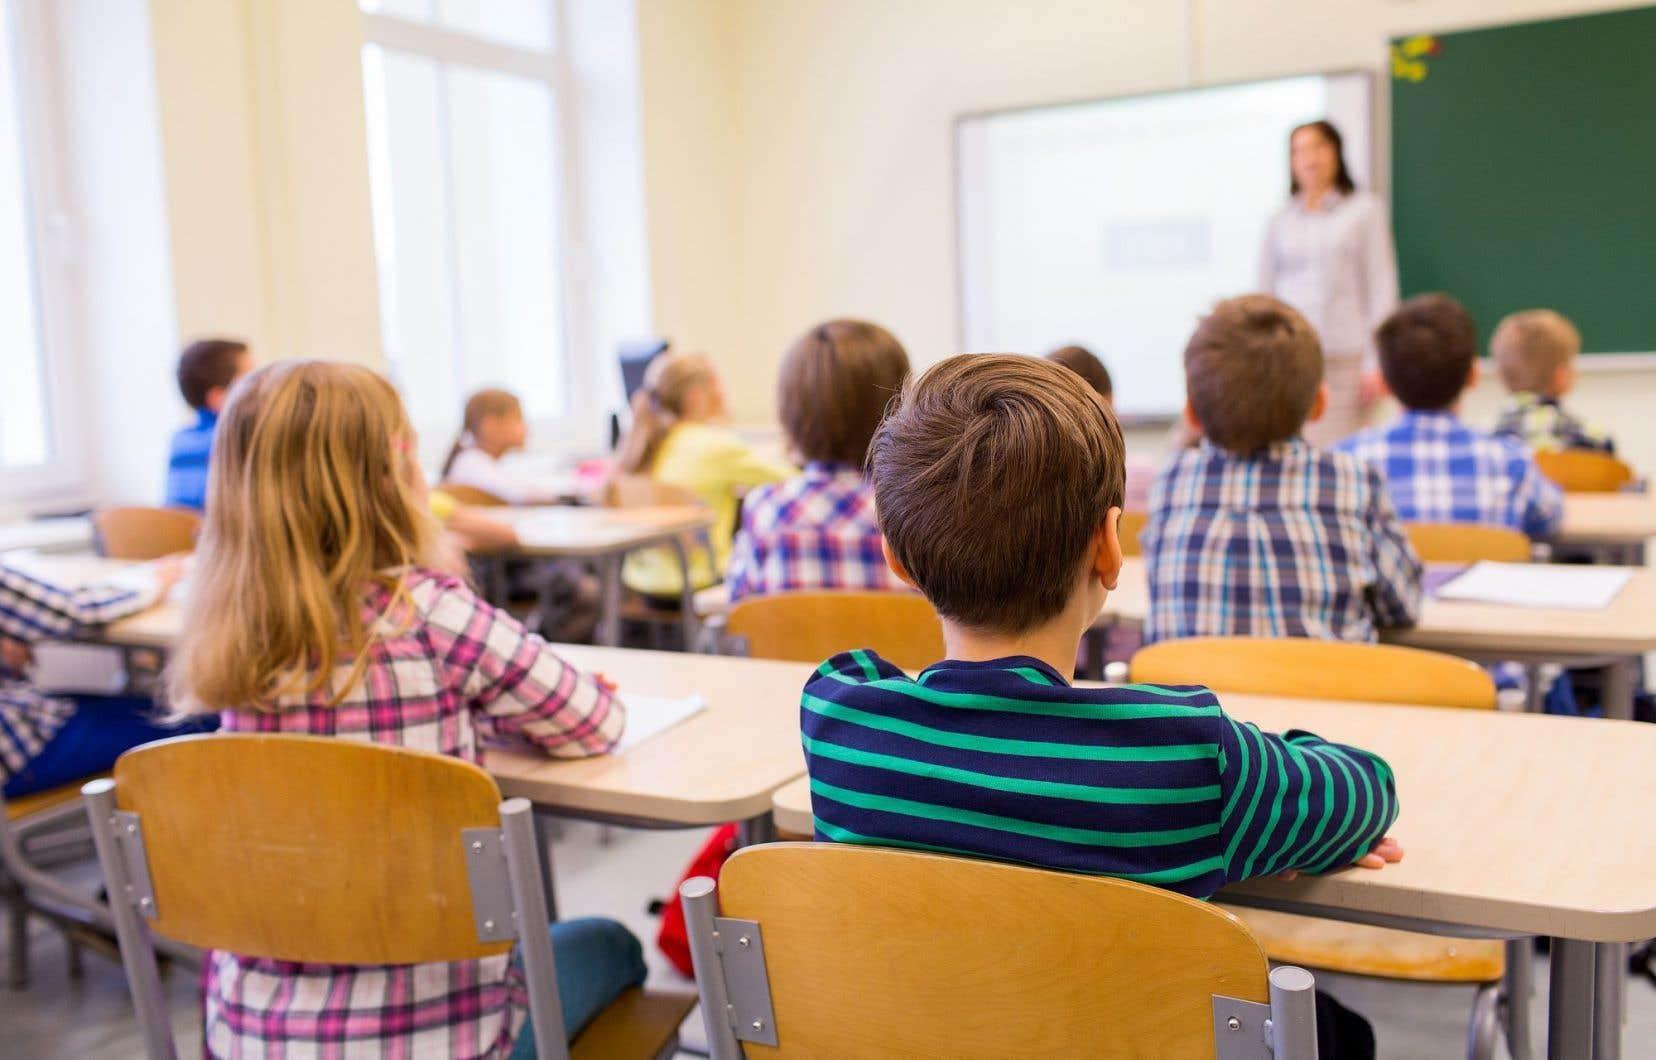 Les élus scolaires dénoncent depuis plusieurs années le problème des «extras», des sommes aditionnelles investies dans la réfection des établissements.